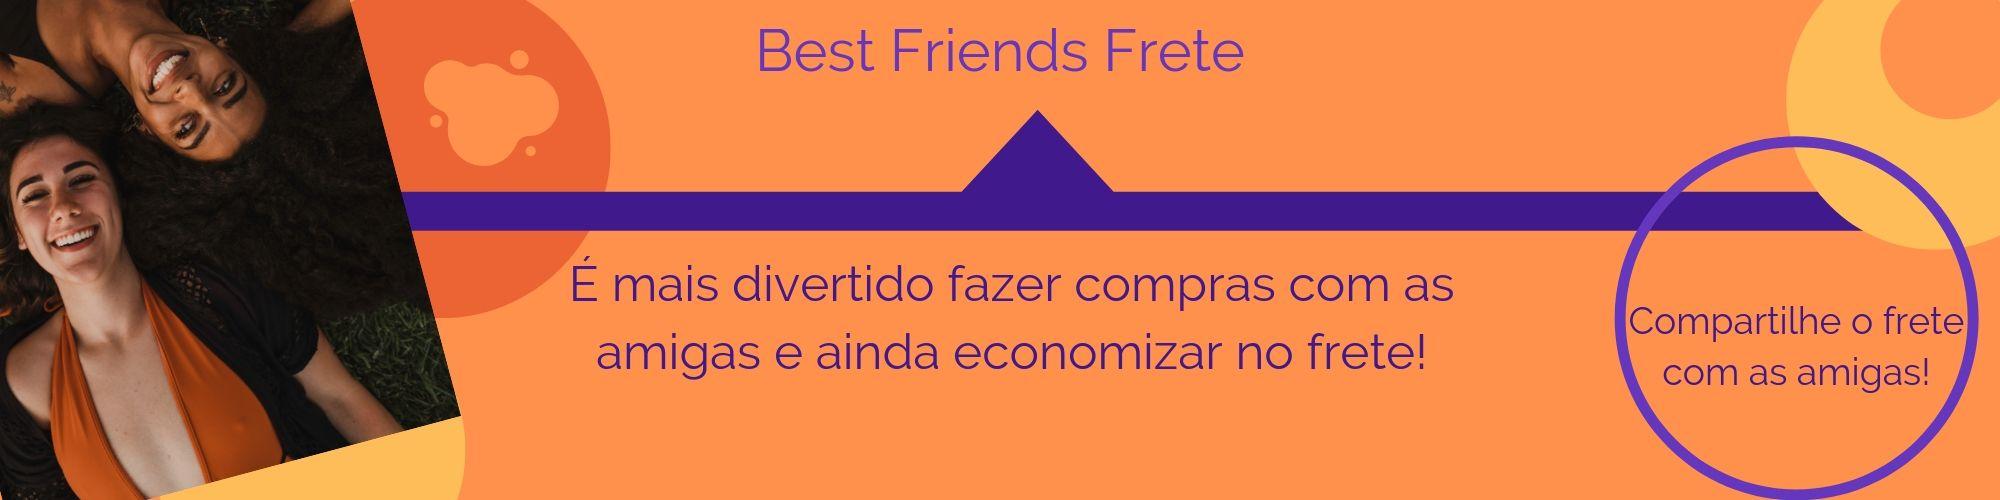 BEST FRIENDS FRETE